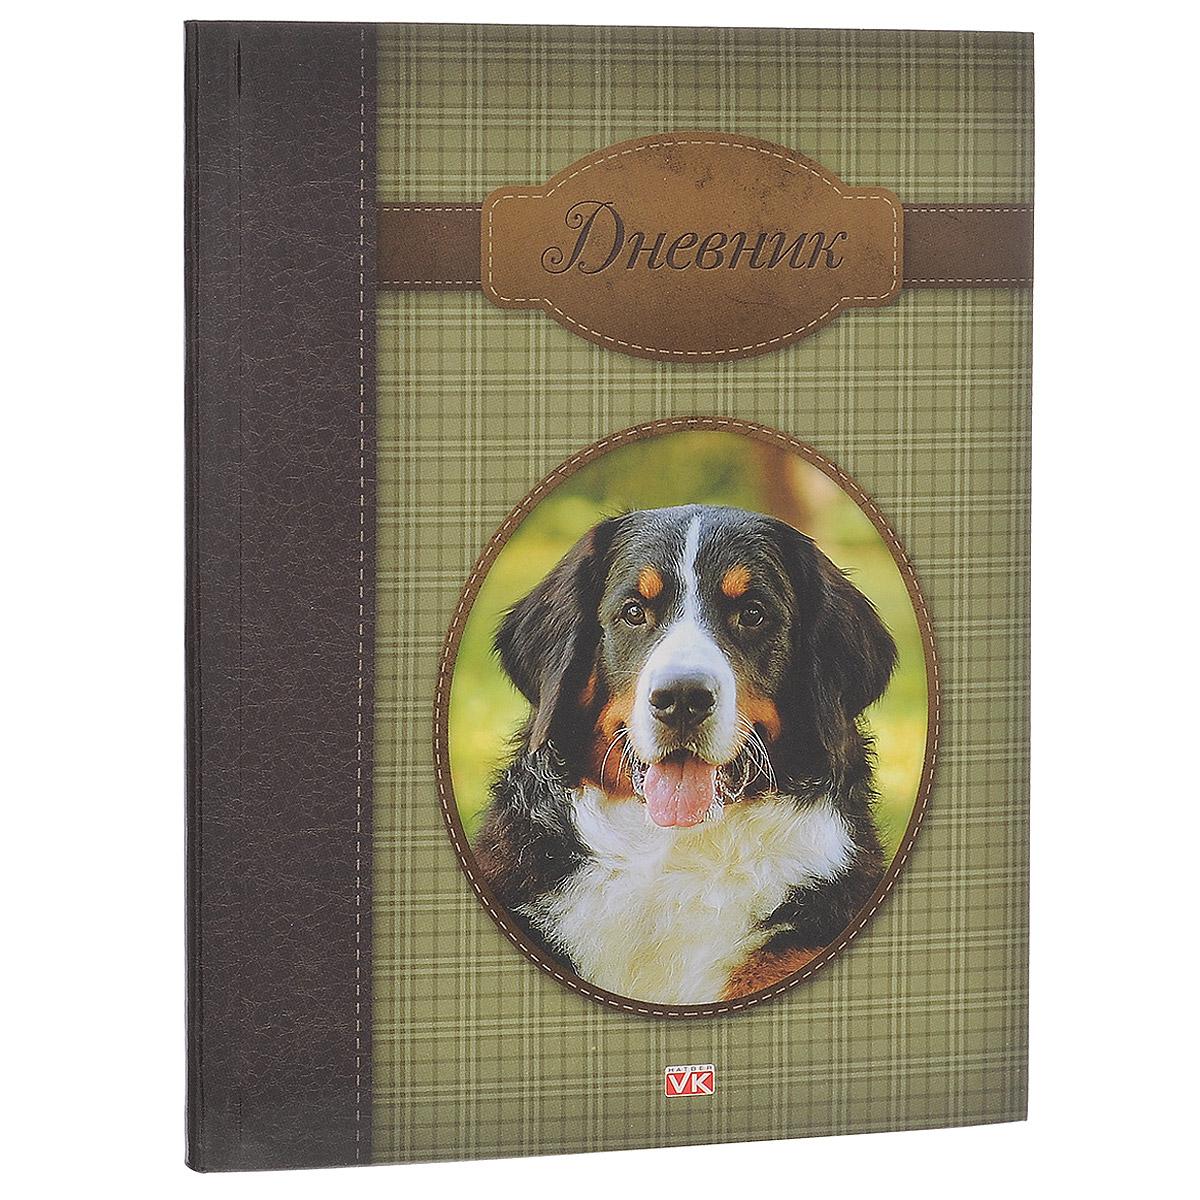 Дневник школьный Hatber VK. Собака, цвет: темно-зеленый, коричневый б д сурис фронтовой дневник дневник рассказы